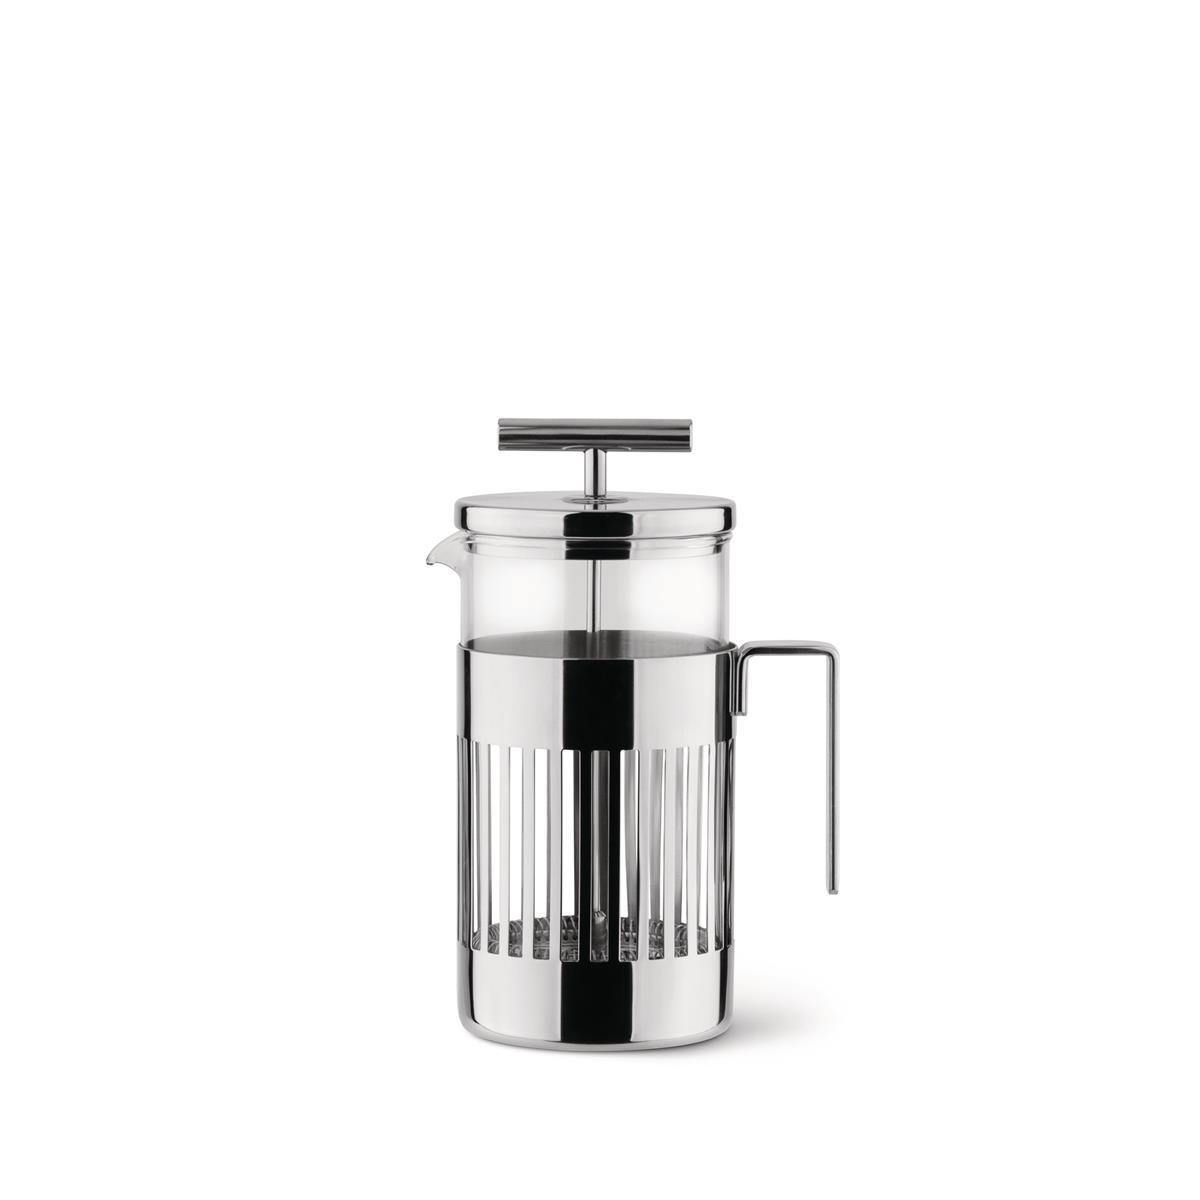 Alessi-Caffettiera a presso-filtro in acciaio inox 18/10-vetro pirofilo 8 tazze